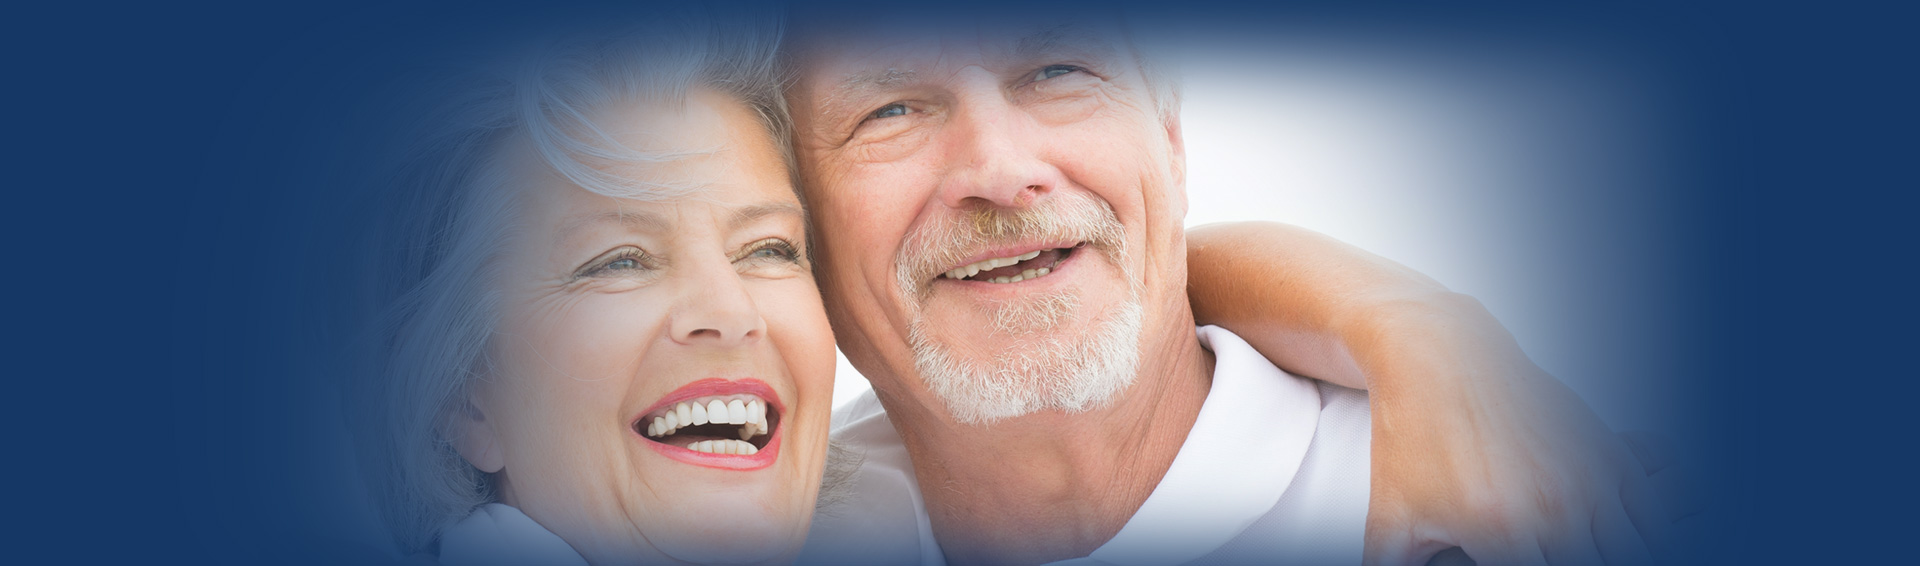 Geç yaşlanmak için altın öneriler